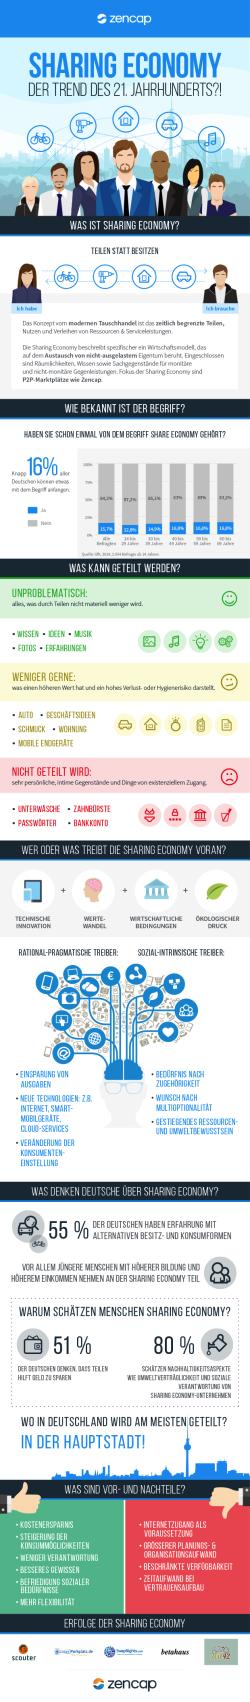 Quelle: Zencap Deutschland GmbH